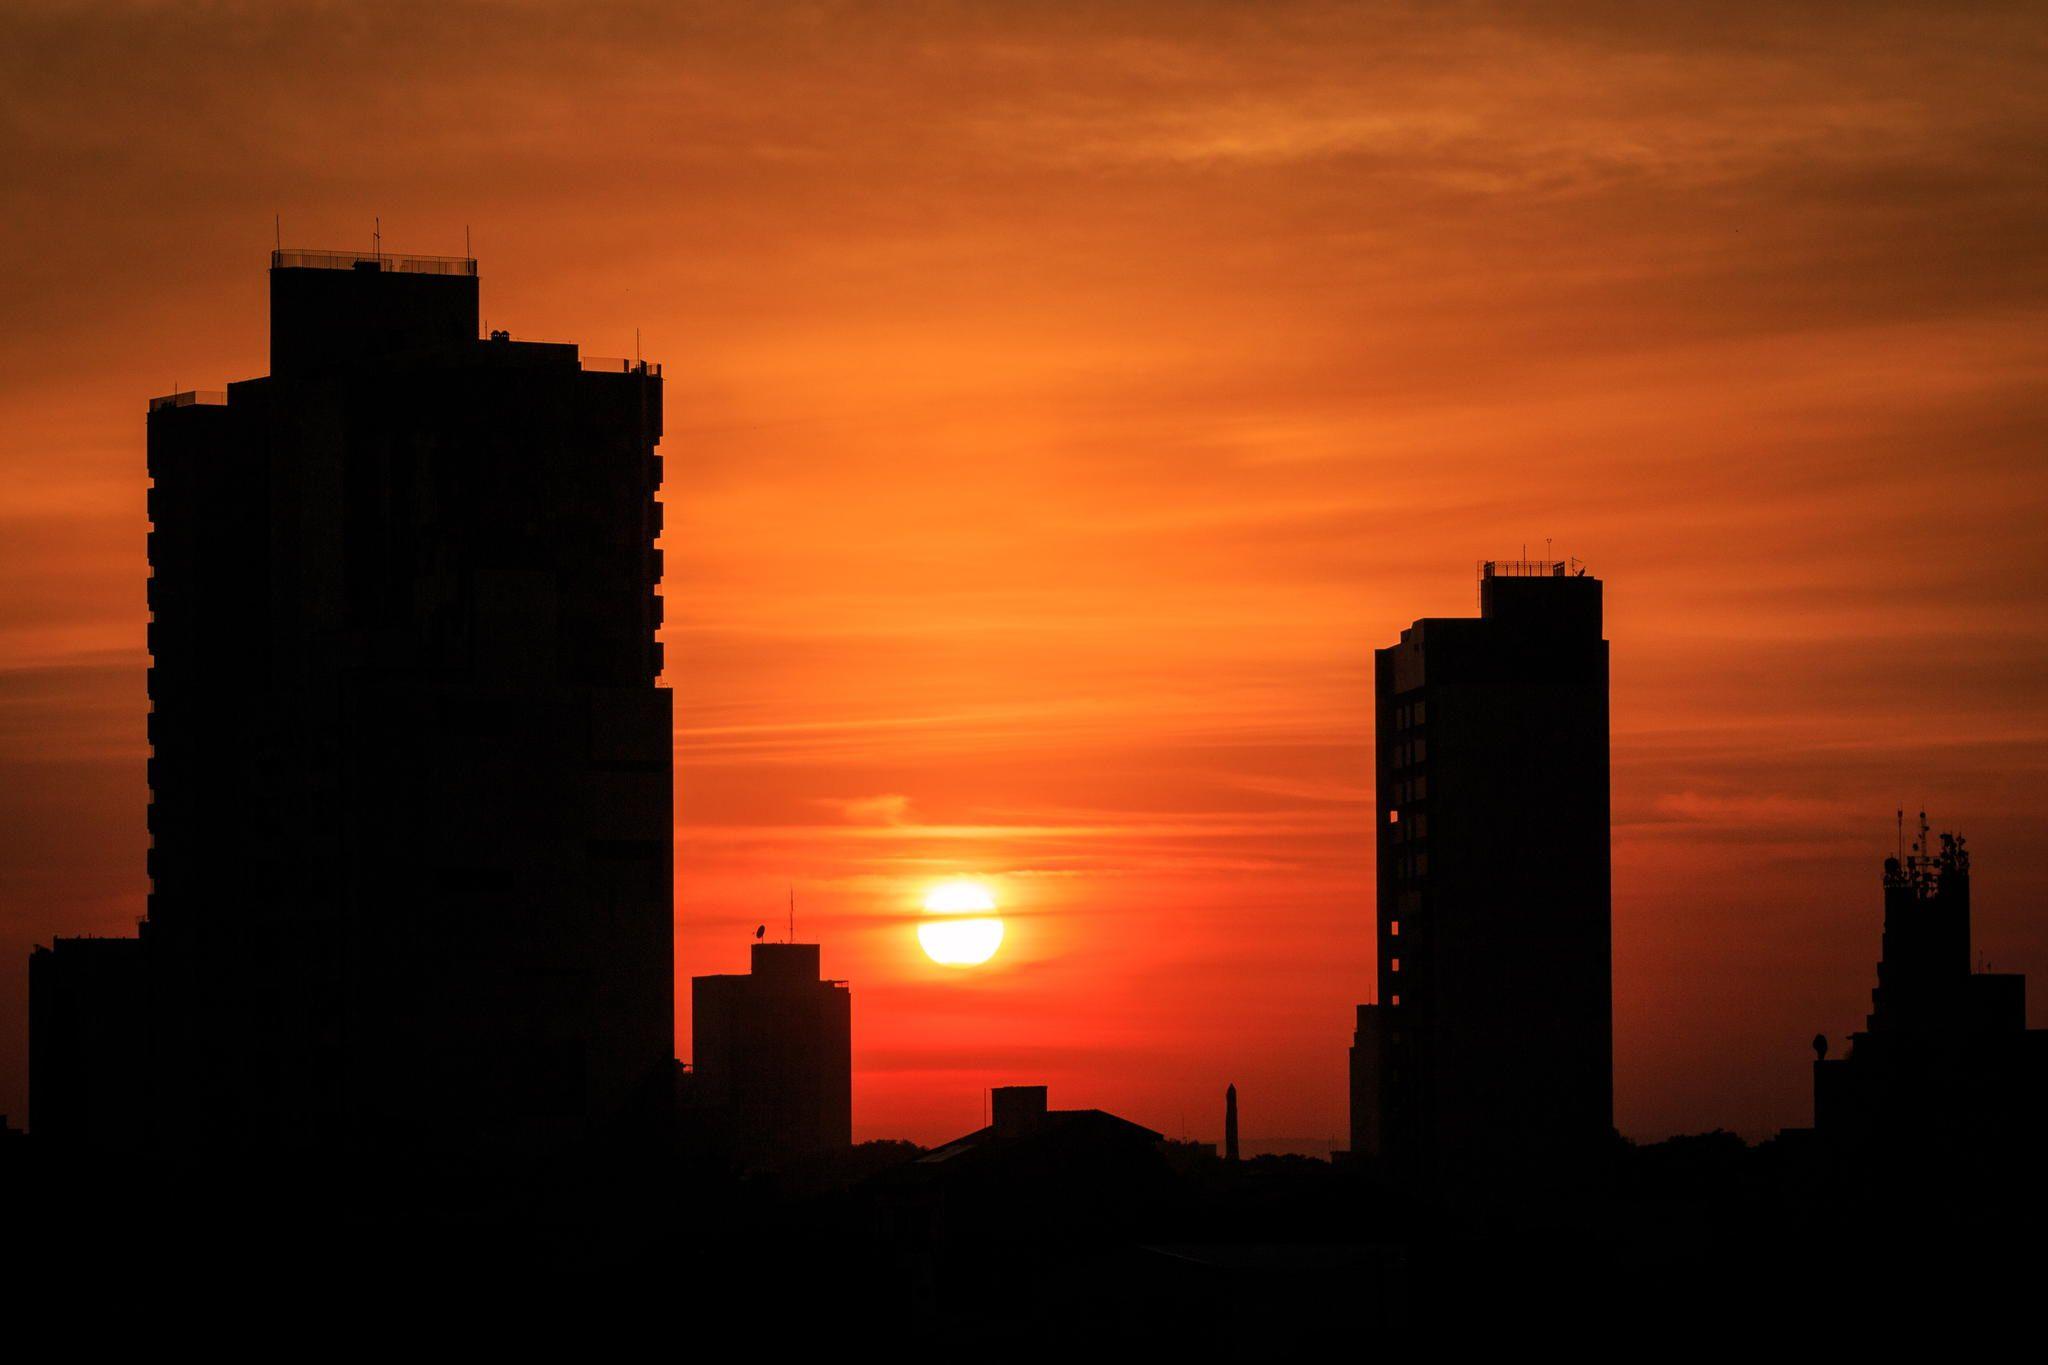 Sunrise in Sorocaba - Sunrise in Sorocaba